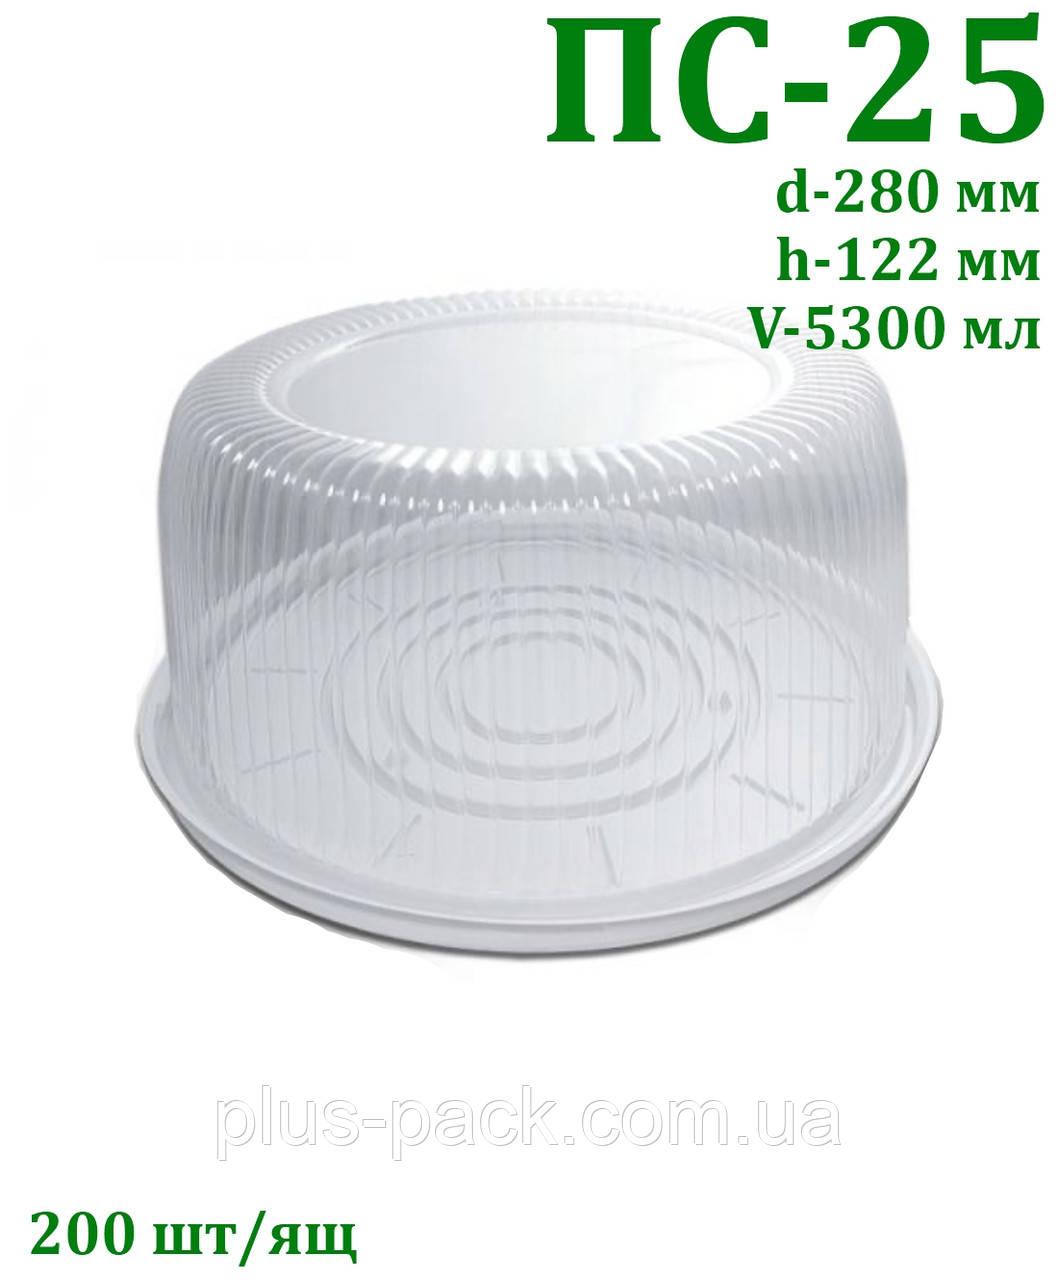 Упаковка для тортів кругла(2 кг), 200 шт/ящ